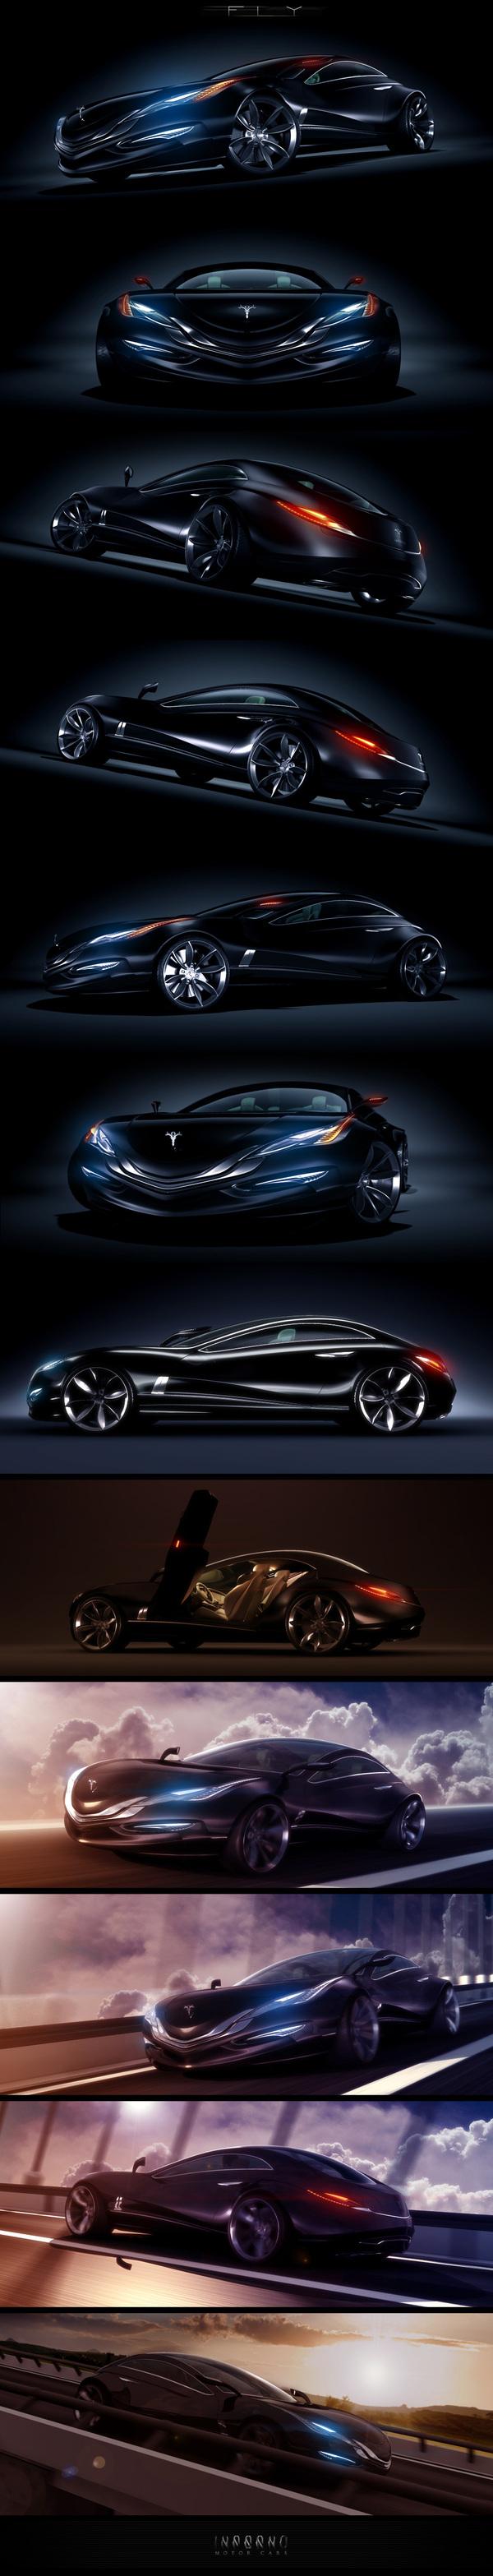 pc7e Automotive design by Piotr Czyzewski